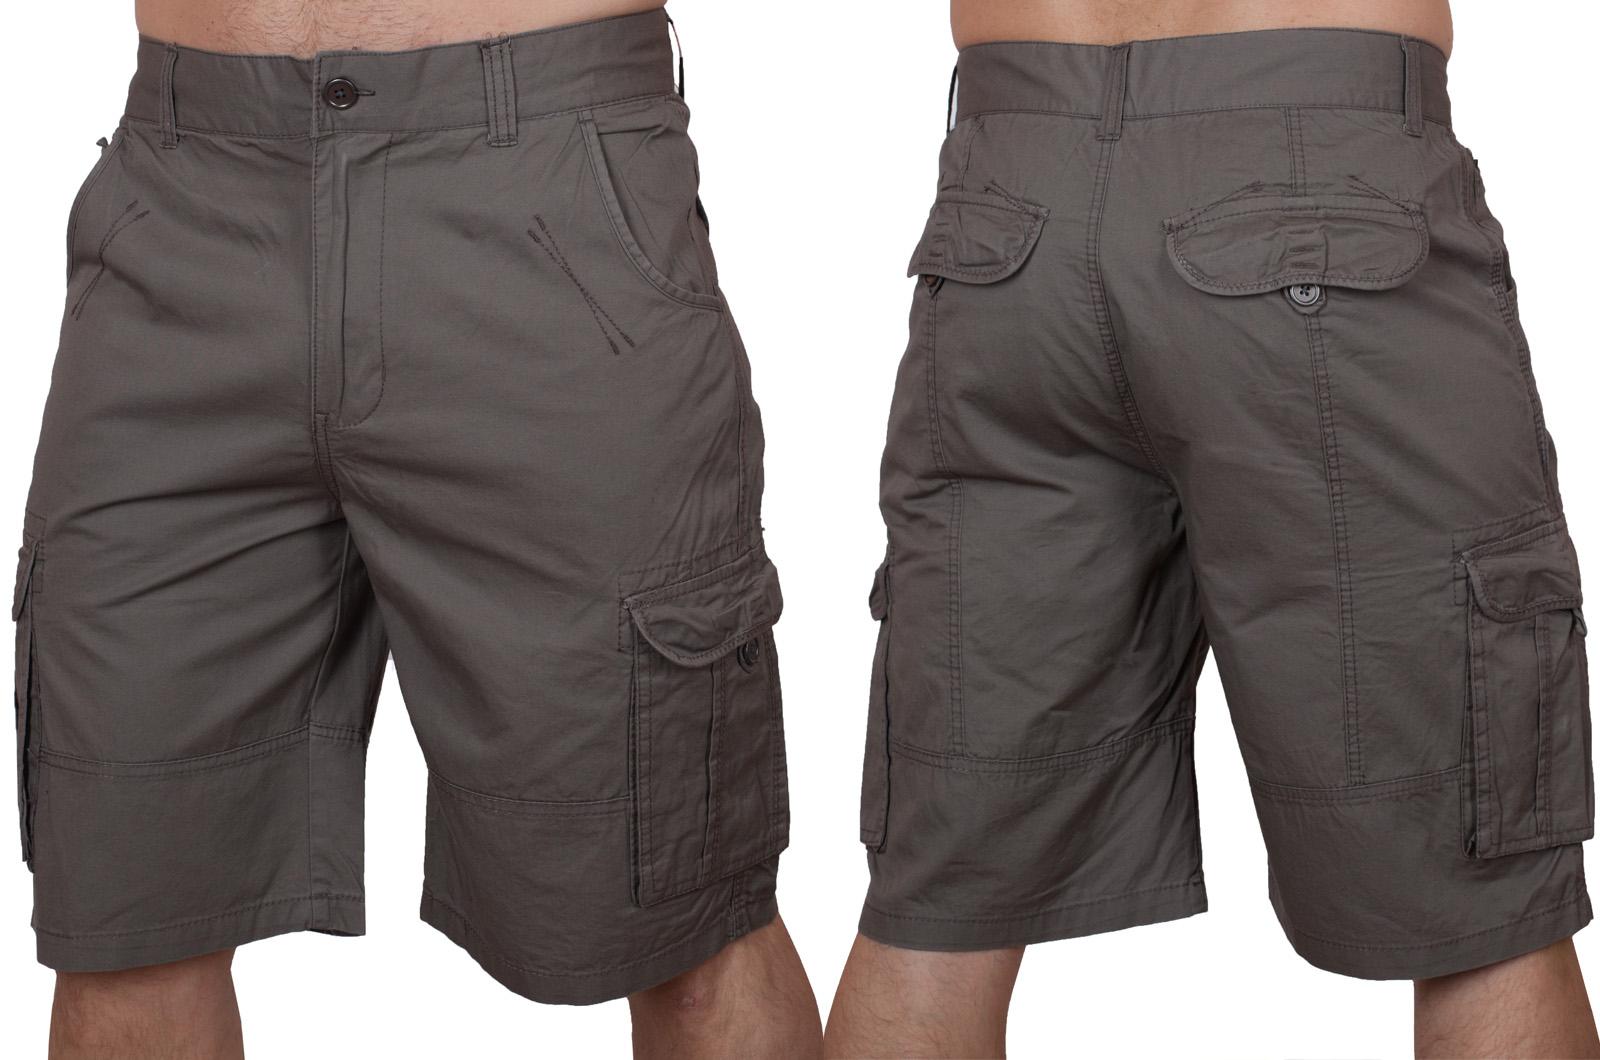 Оригинальные шорты Cargo для стильных мужчин с доставкой